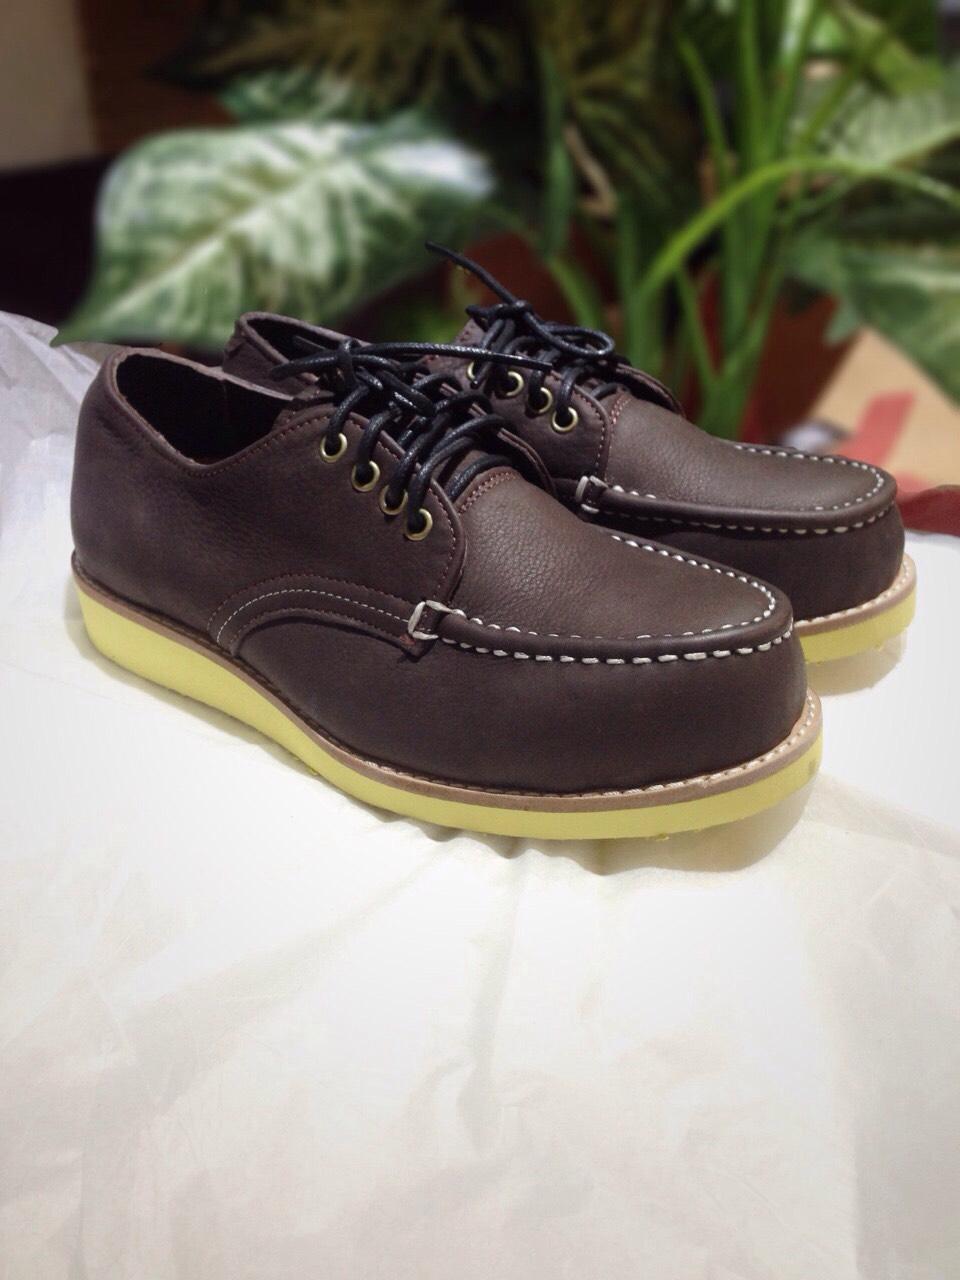 รองเท้าผู้ชาย | รองเท้าแฟชั่นชาย Dark Brown Boat Shoe หนังชามัวร์ (หนังลูกวัวแท้)